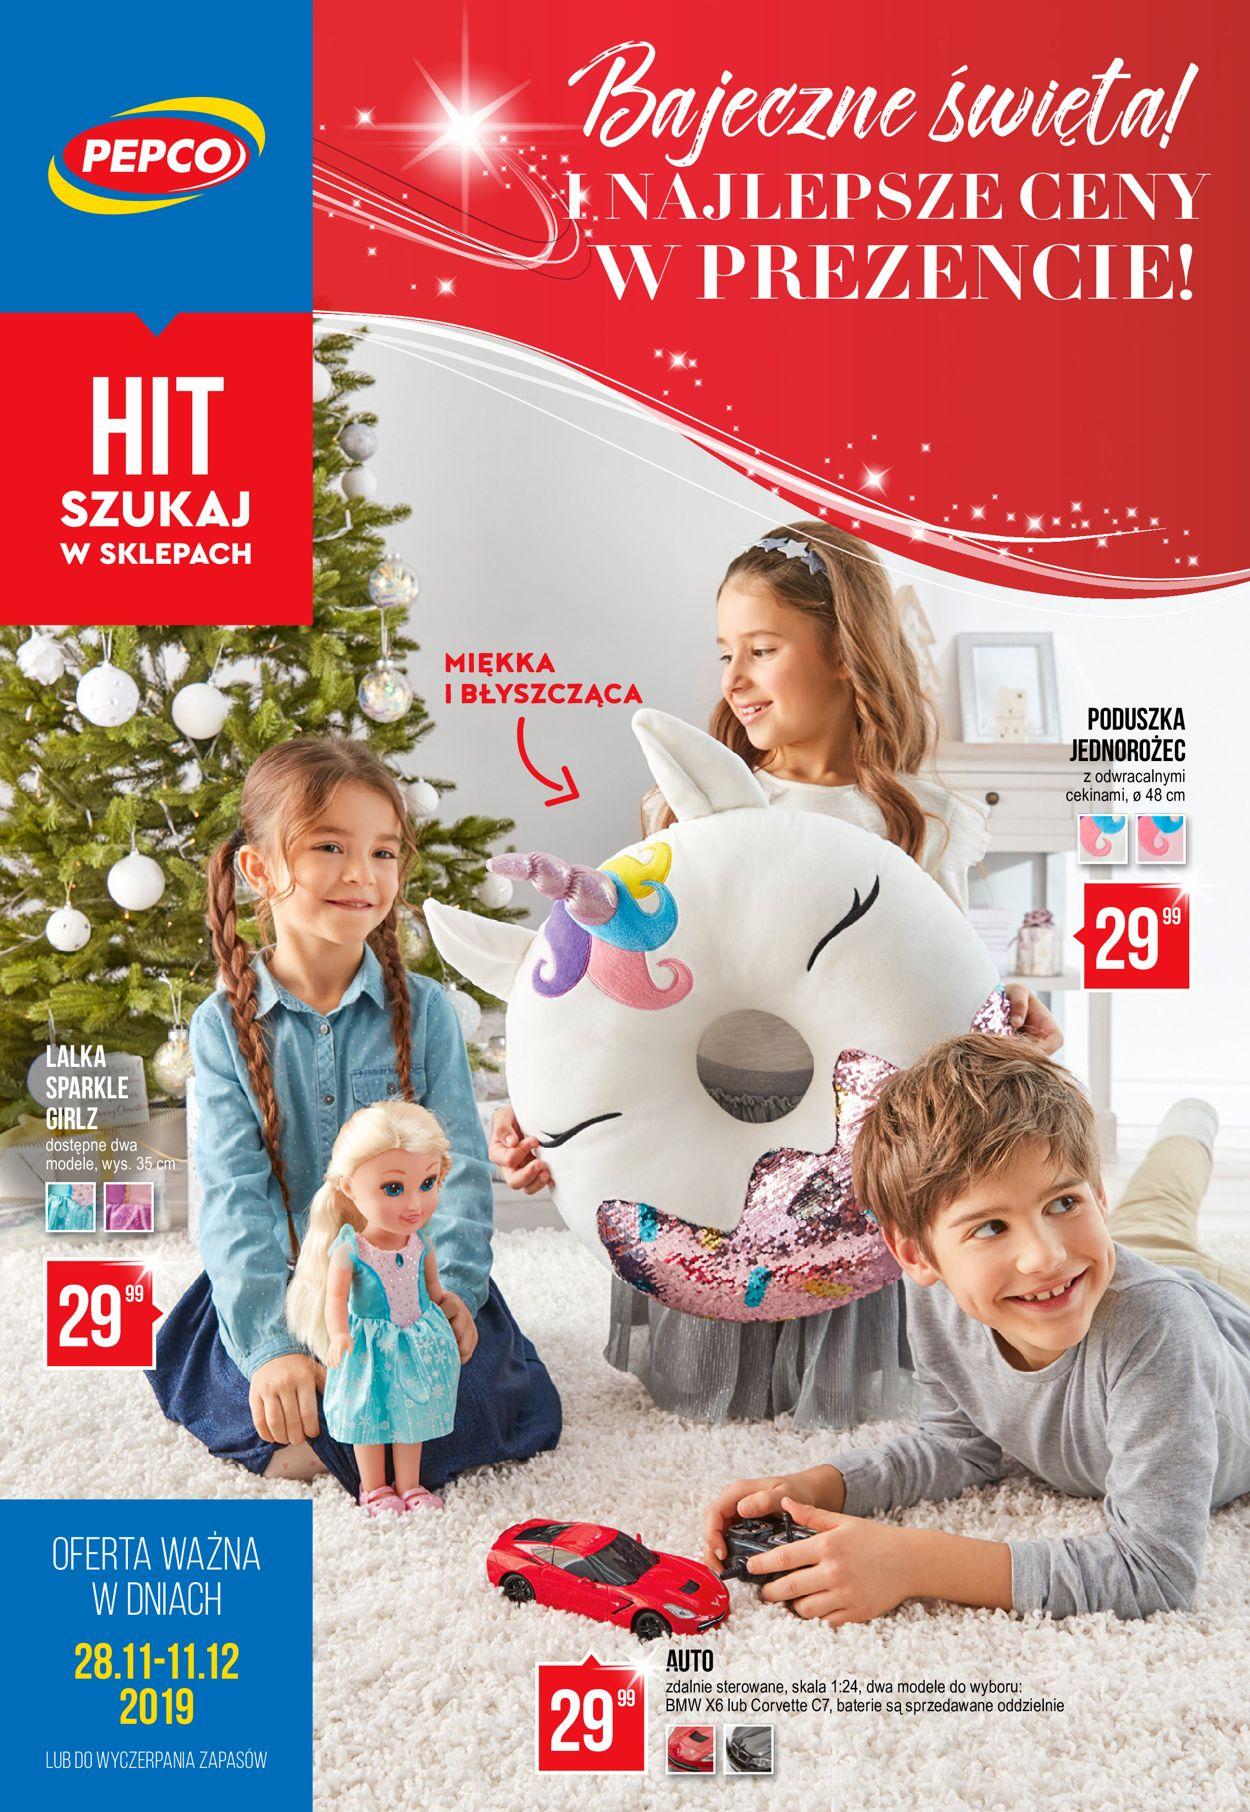 Gazetka promocyjna Pepco - Gazetka Świąteczna 2019 - 28.11-11.12.2019